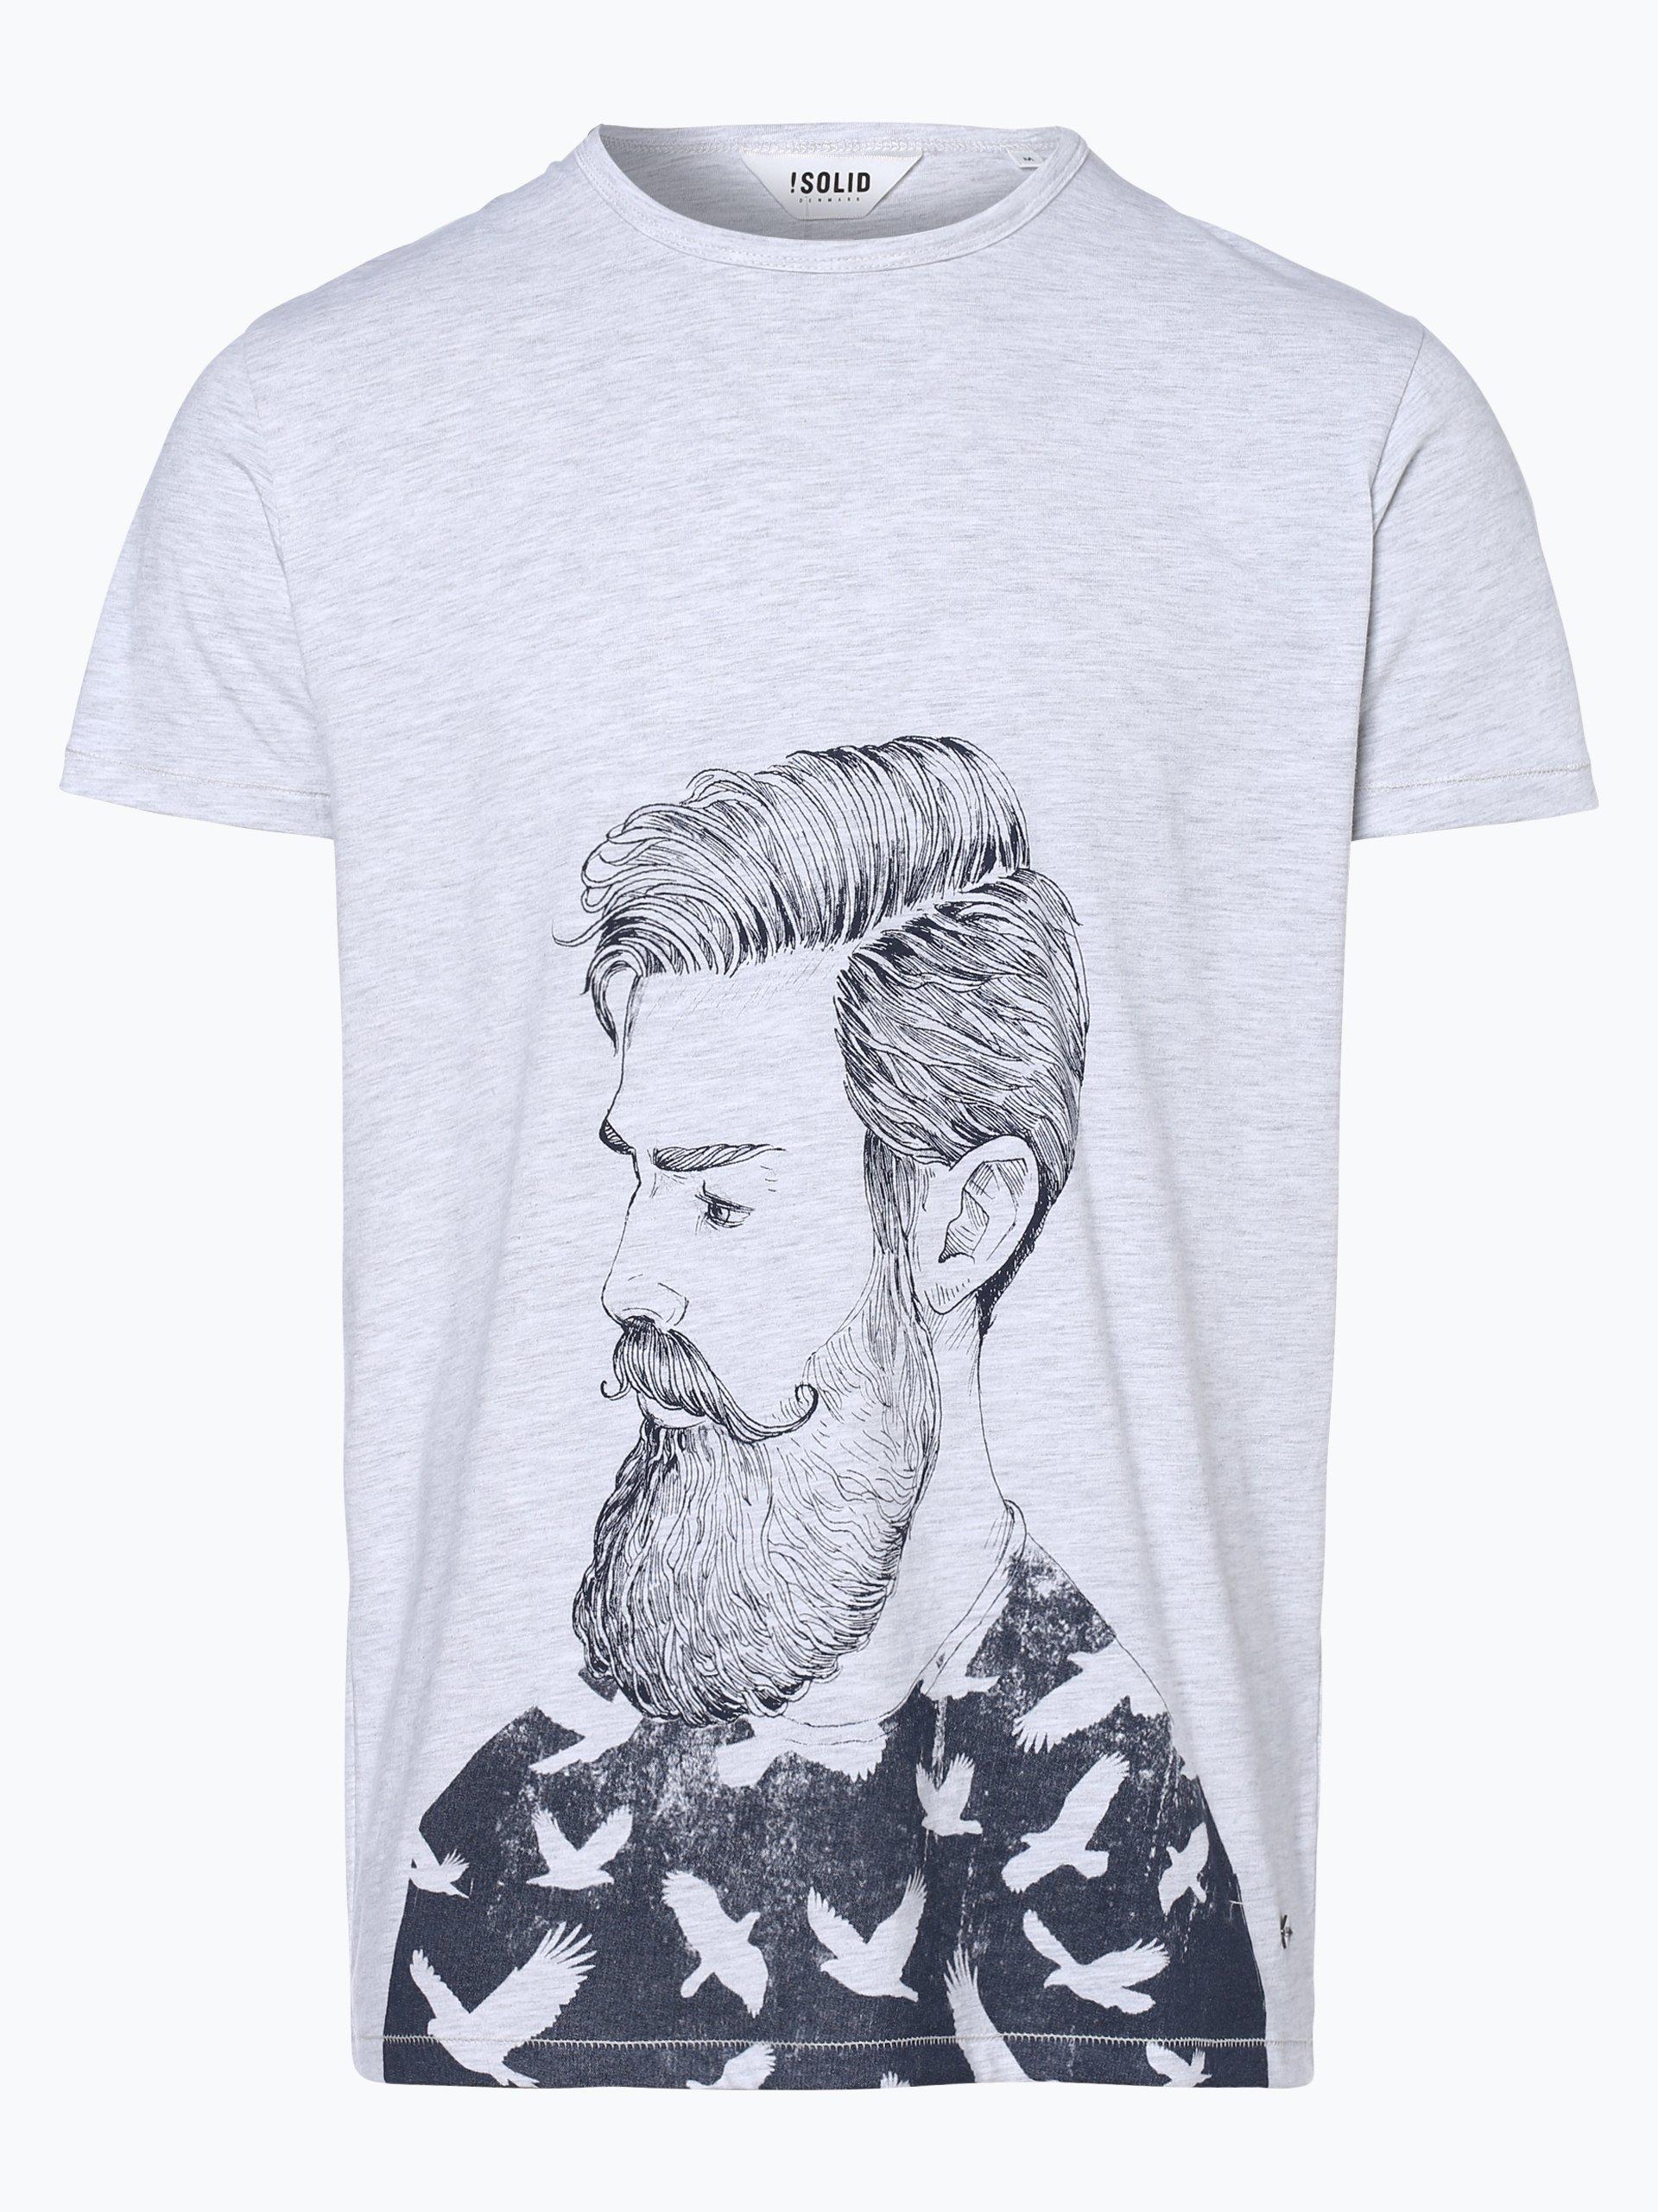 Solid Herren T-Shirt - Magee